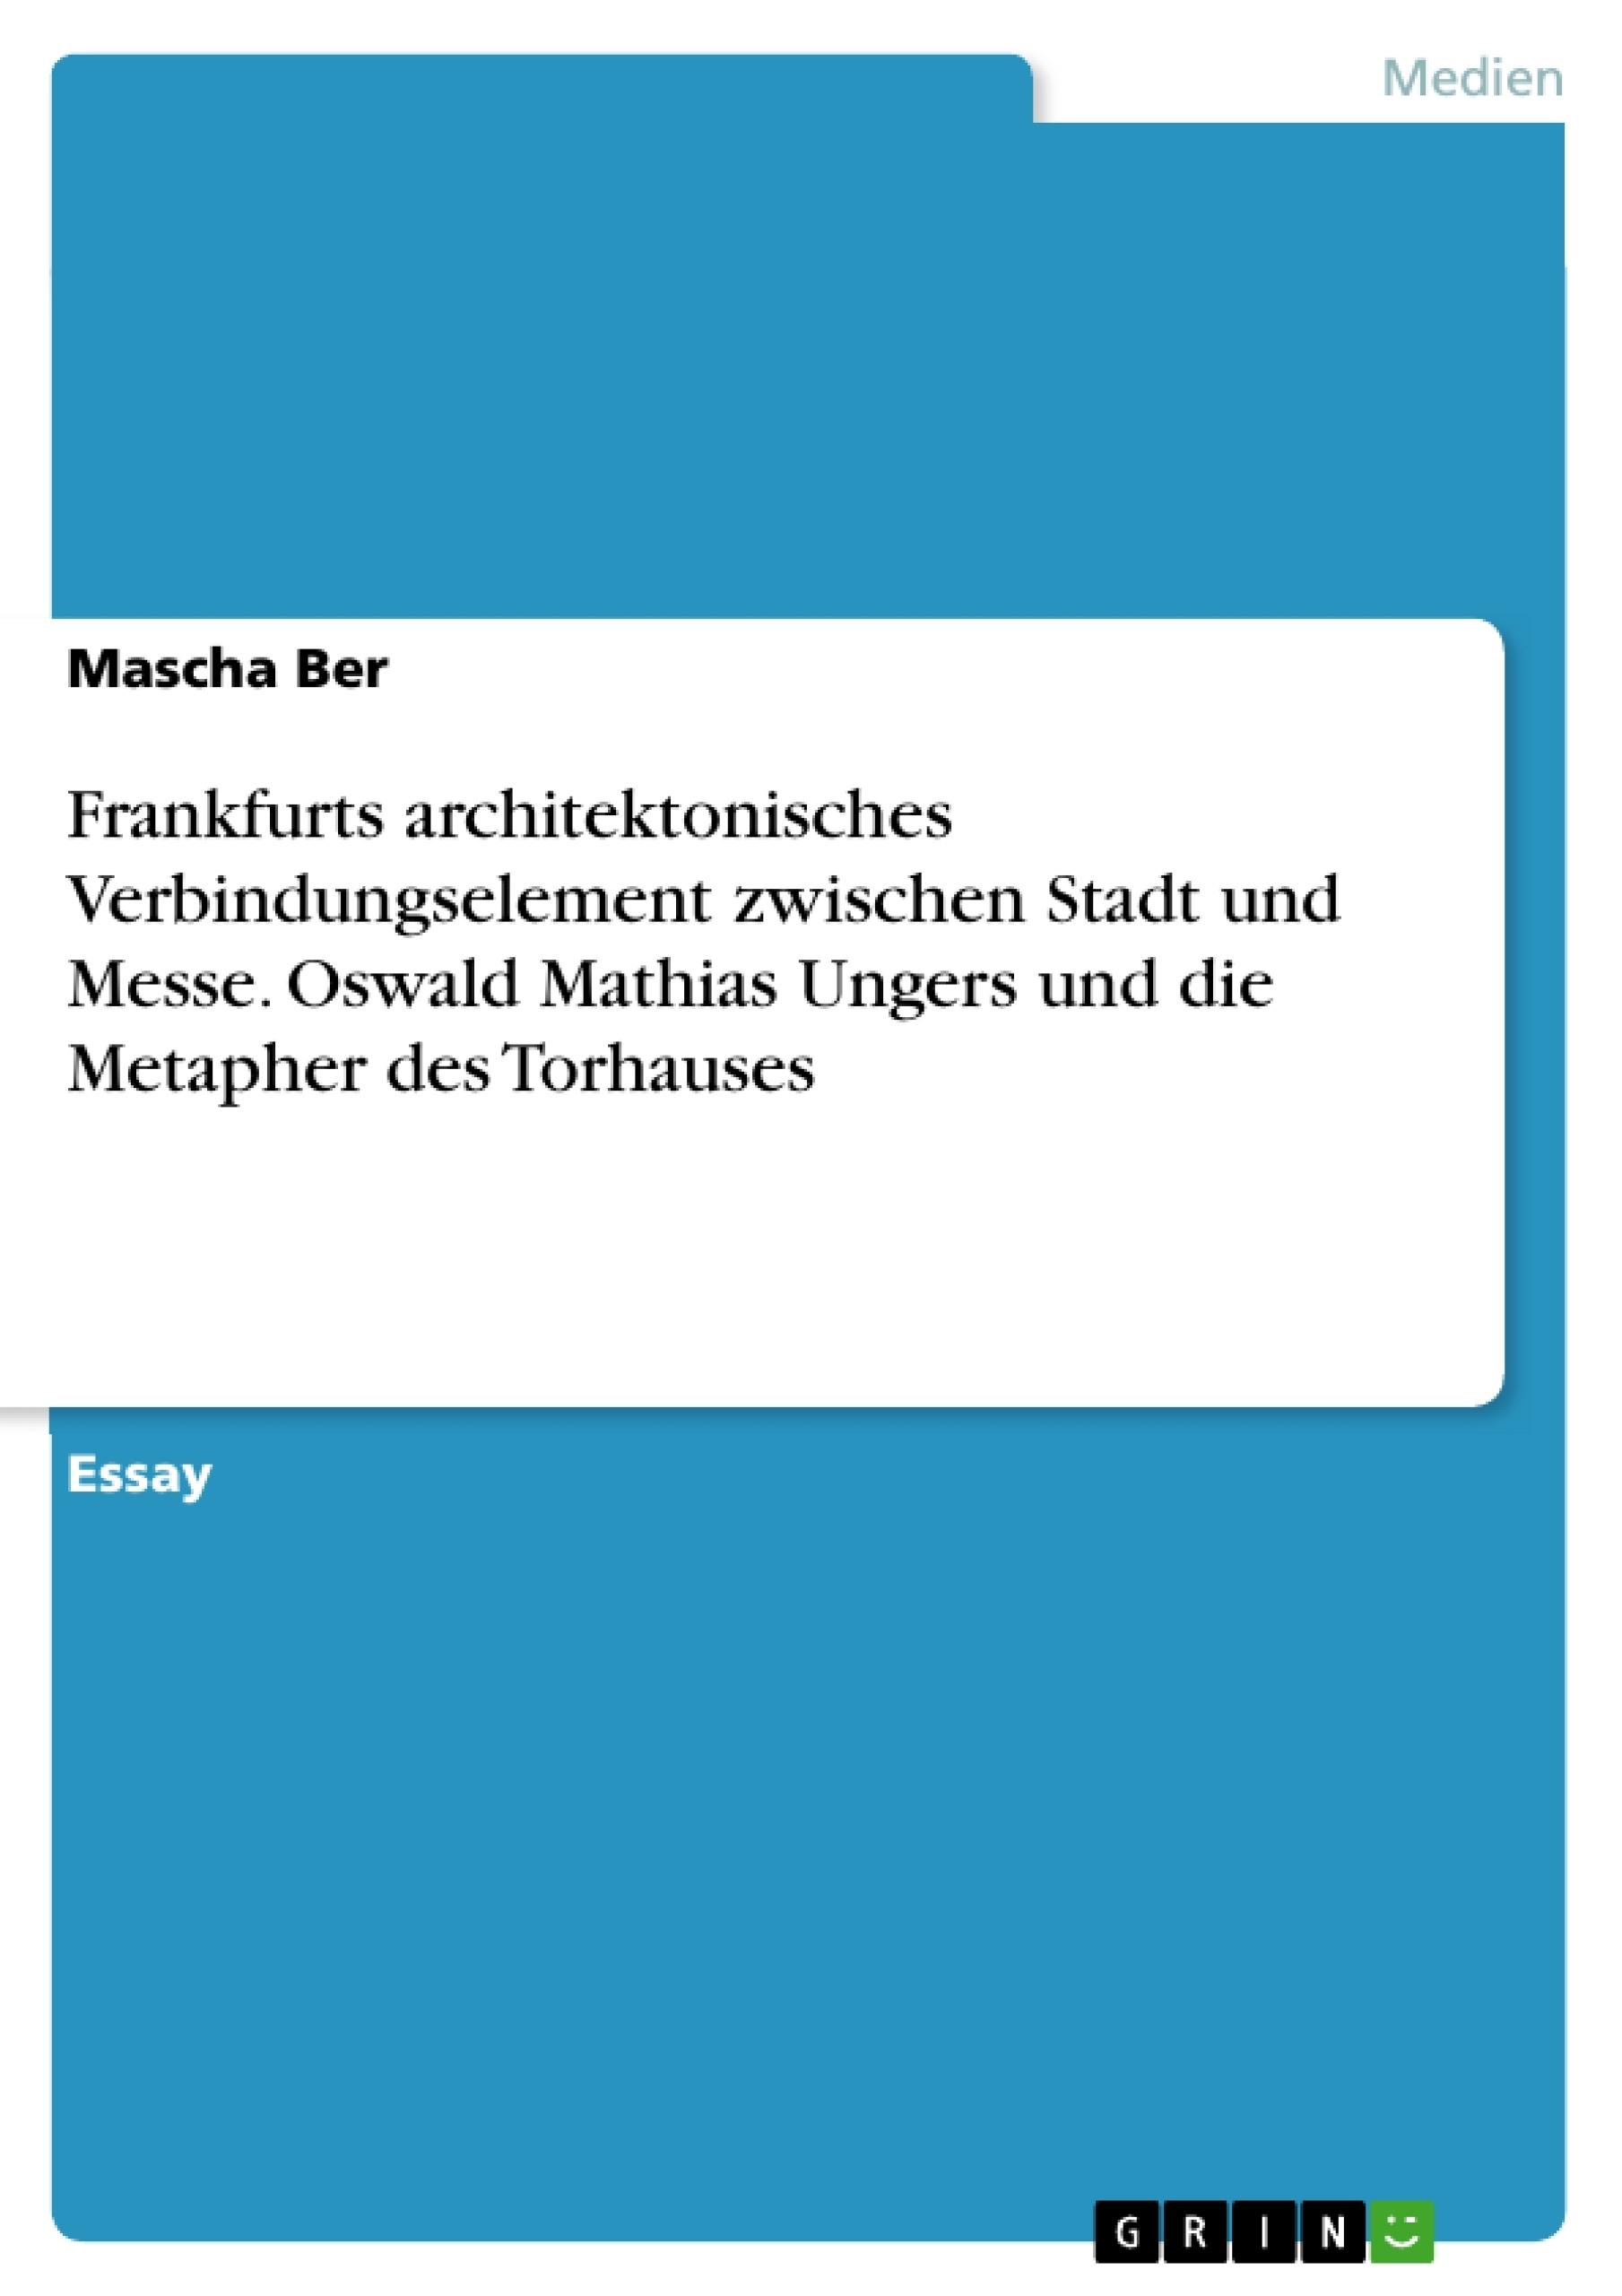 Titel: Frankfurts architektonisches Verbindungselement zwischen Stadt und Messe. Oswald Mathias Ungers und die Metapher des Torhauses